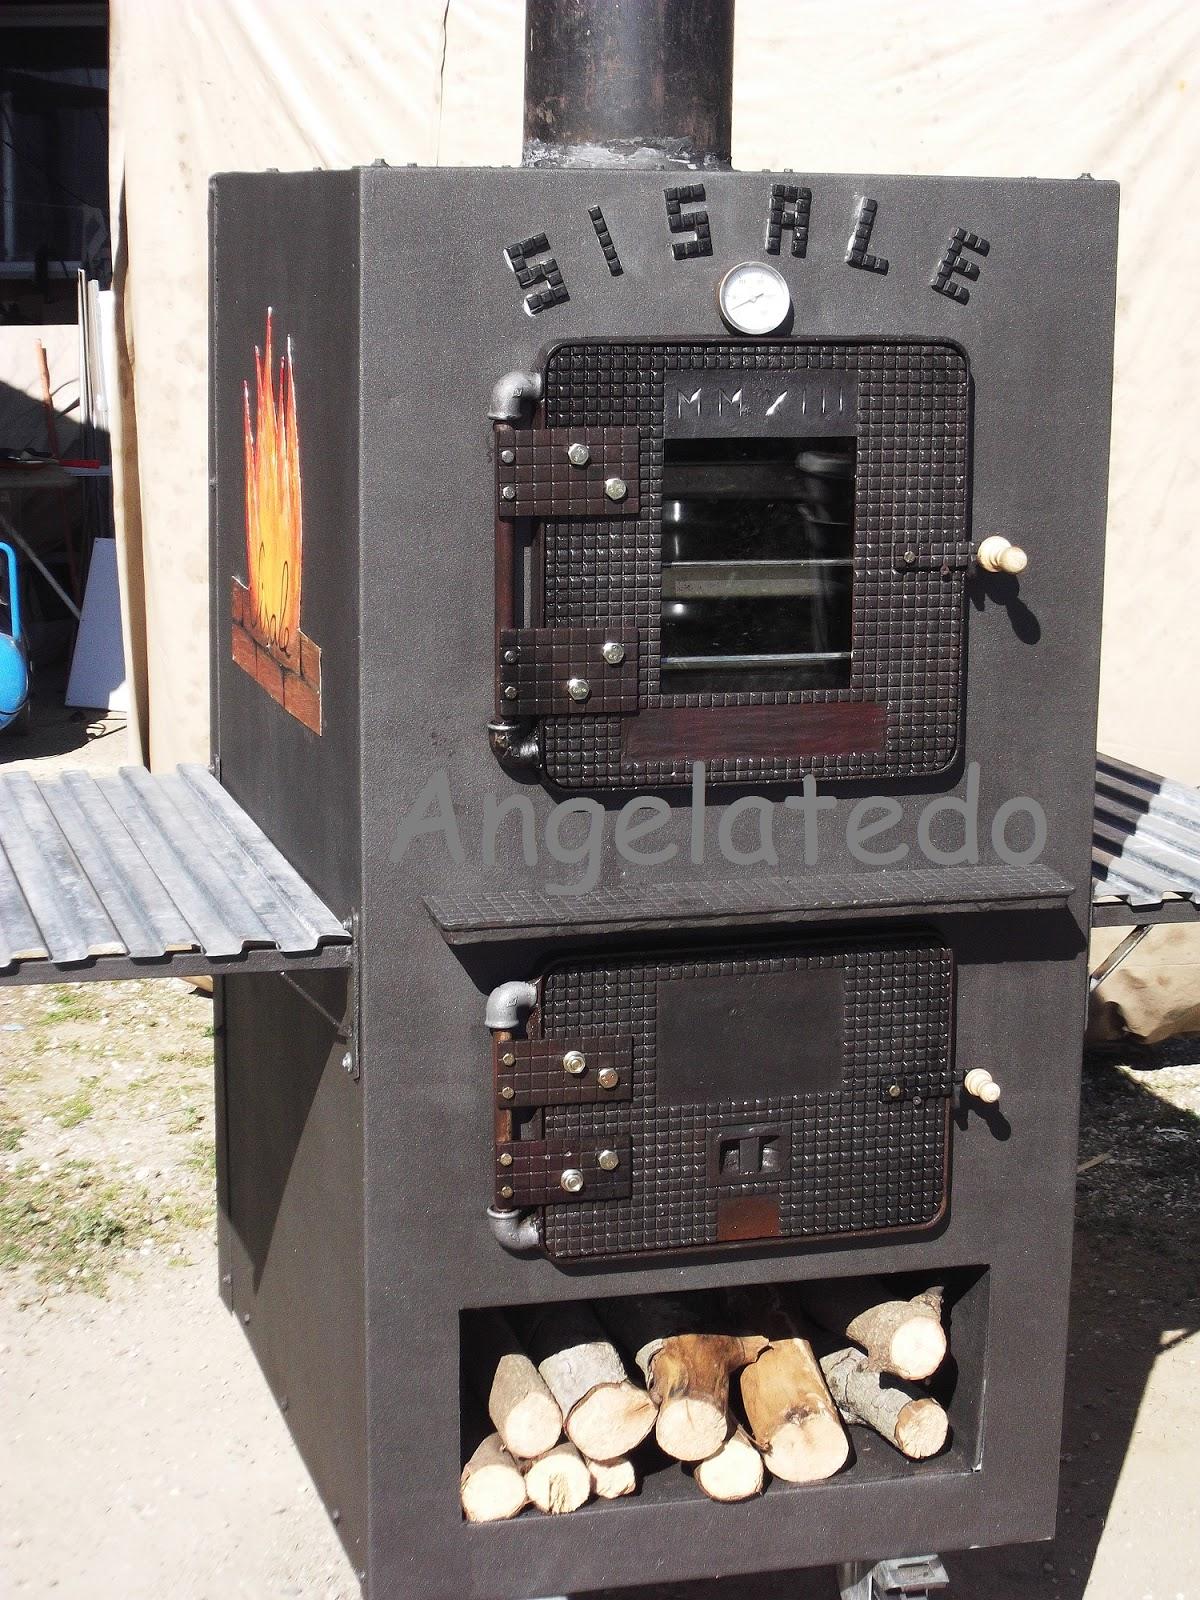 Construcci n de horno de le a horno sisale angelatedo - Horno casero de lena ...